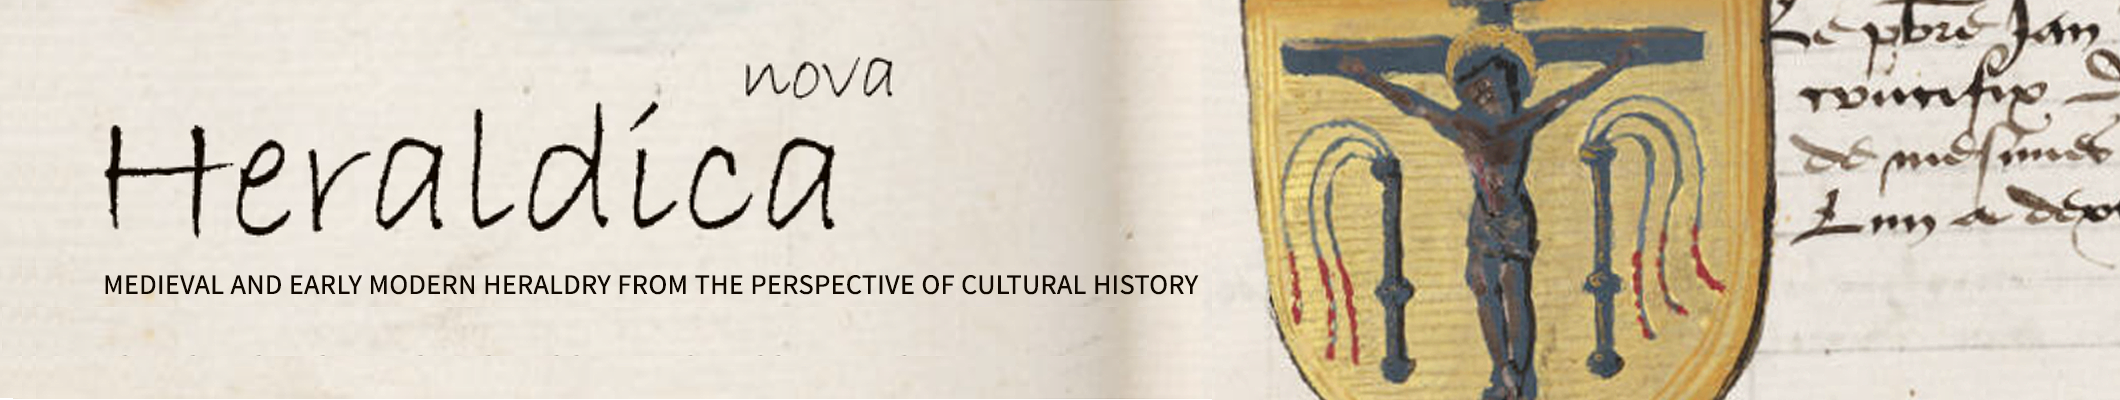 Heraldica Nova